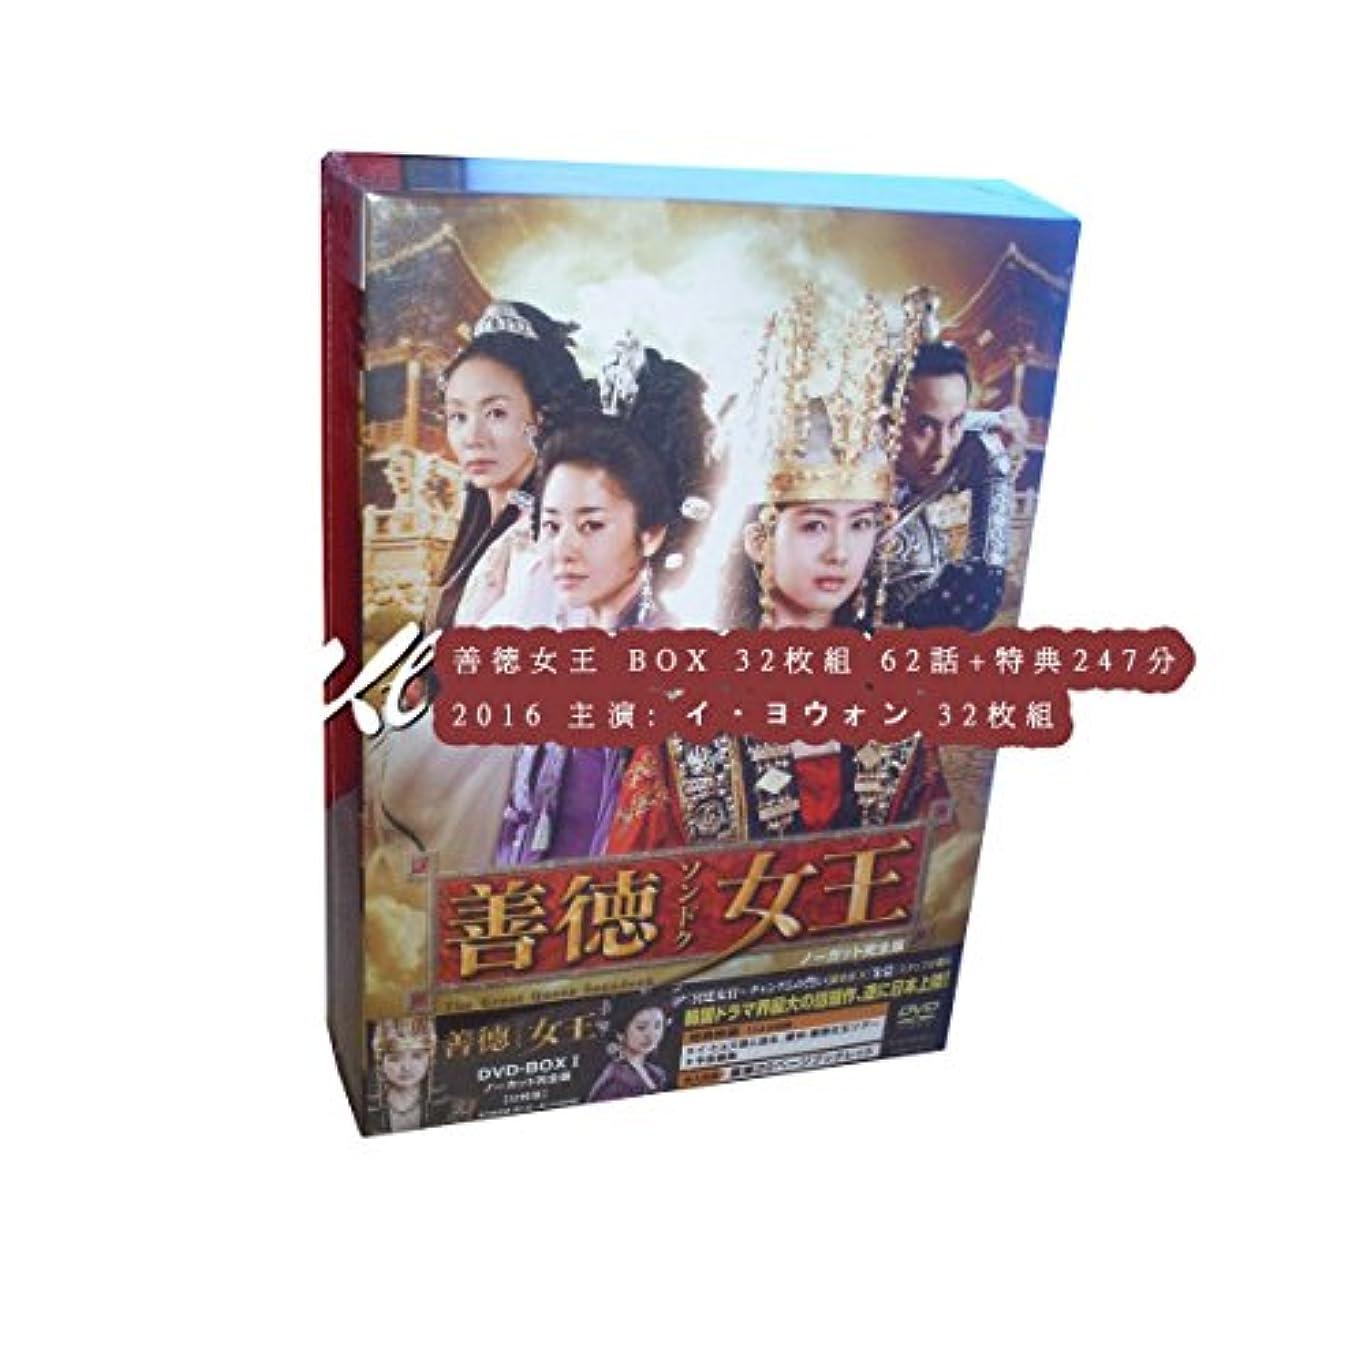 プレゼント混合した抑制善徳女王 BOX 32枚組 62話+特典247分 2016 主演: イ?ヨウォン